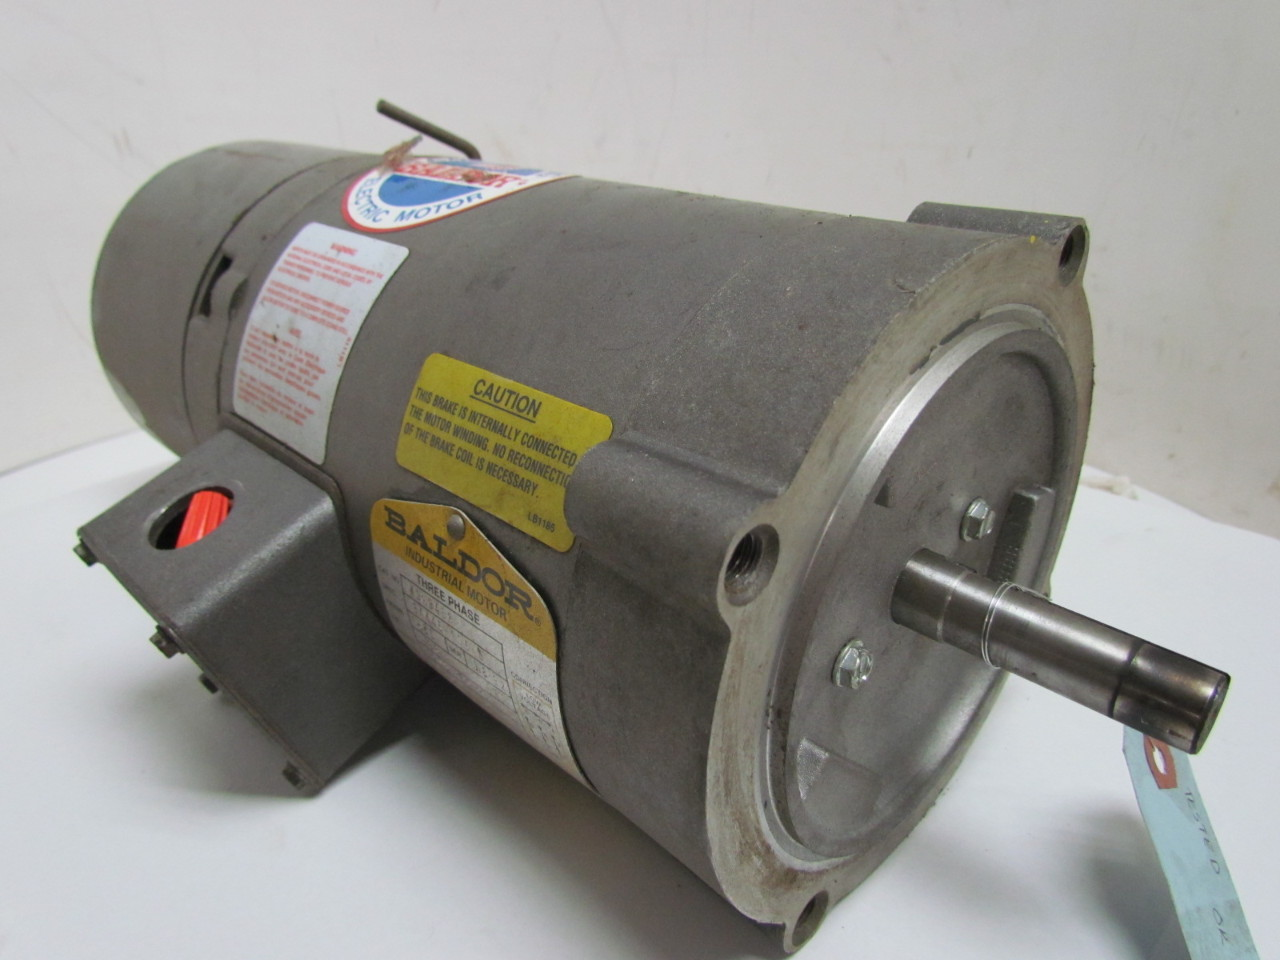 Baldor Kbm3458 Electric Motor 3ph 33 Hp 1725 Rpm 208 230